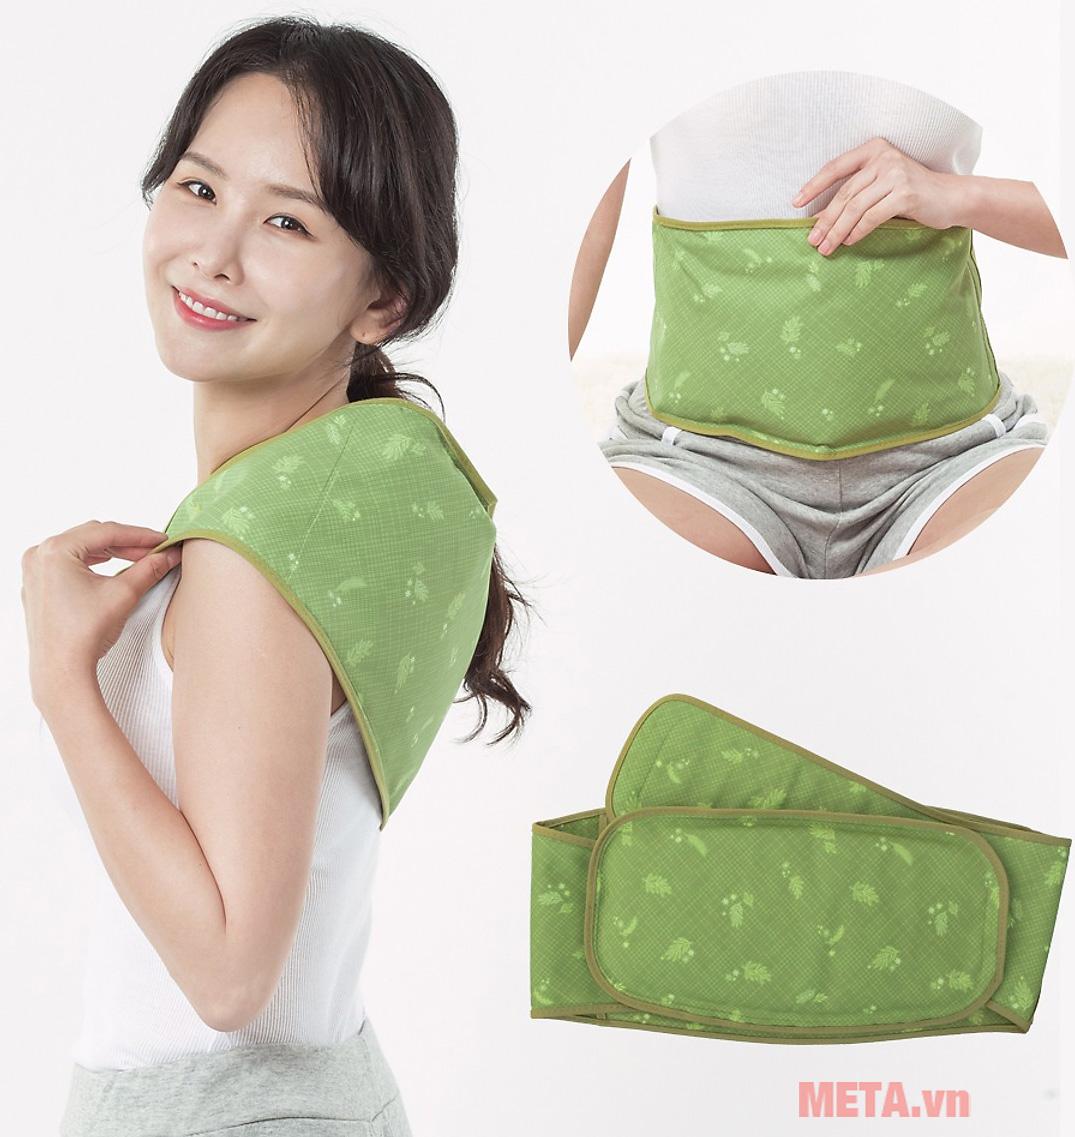 Túi chườm nóng lạnh Mediton hương thảo dược dùng cho eo lưng LMP001-03